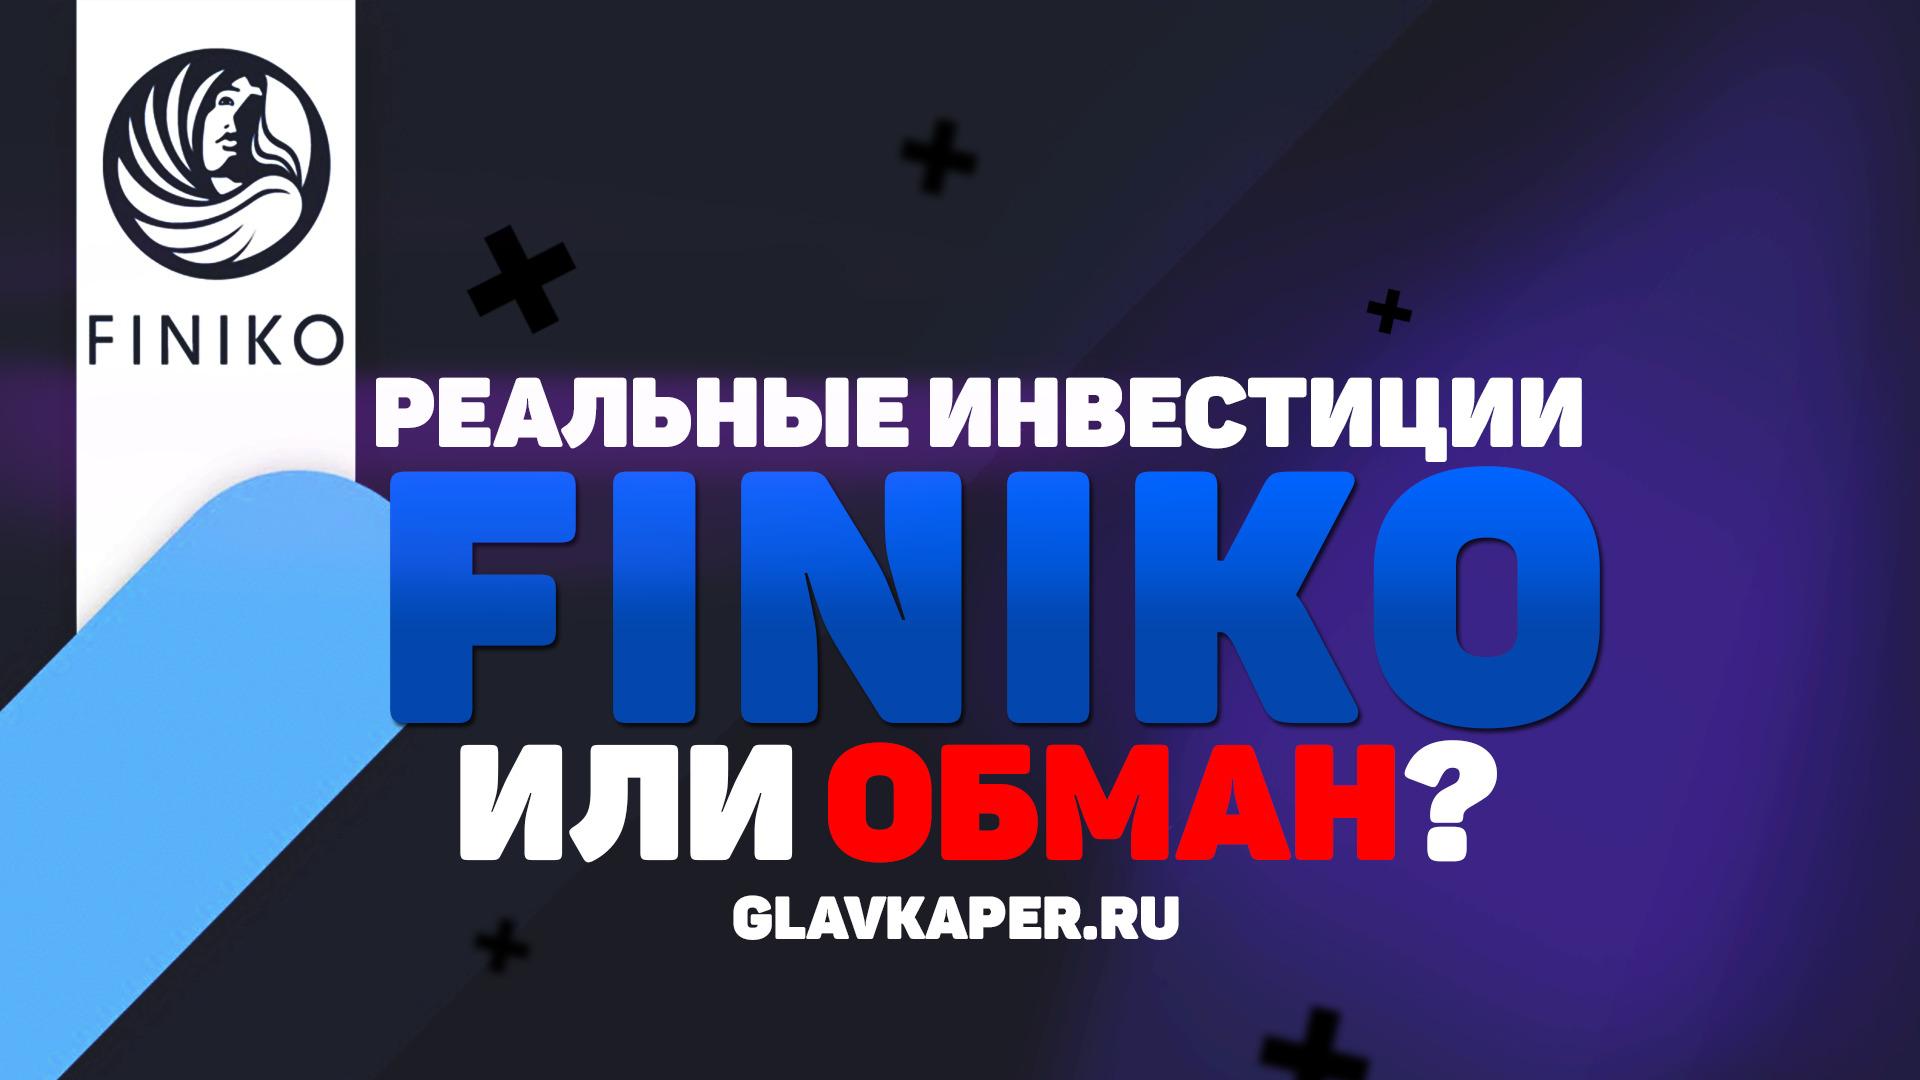 Finiko – реальные инвестиции или обман?